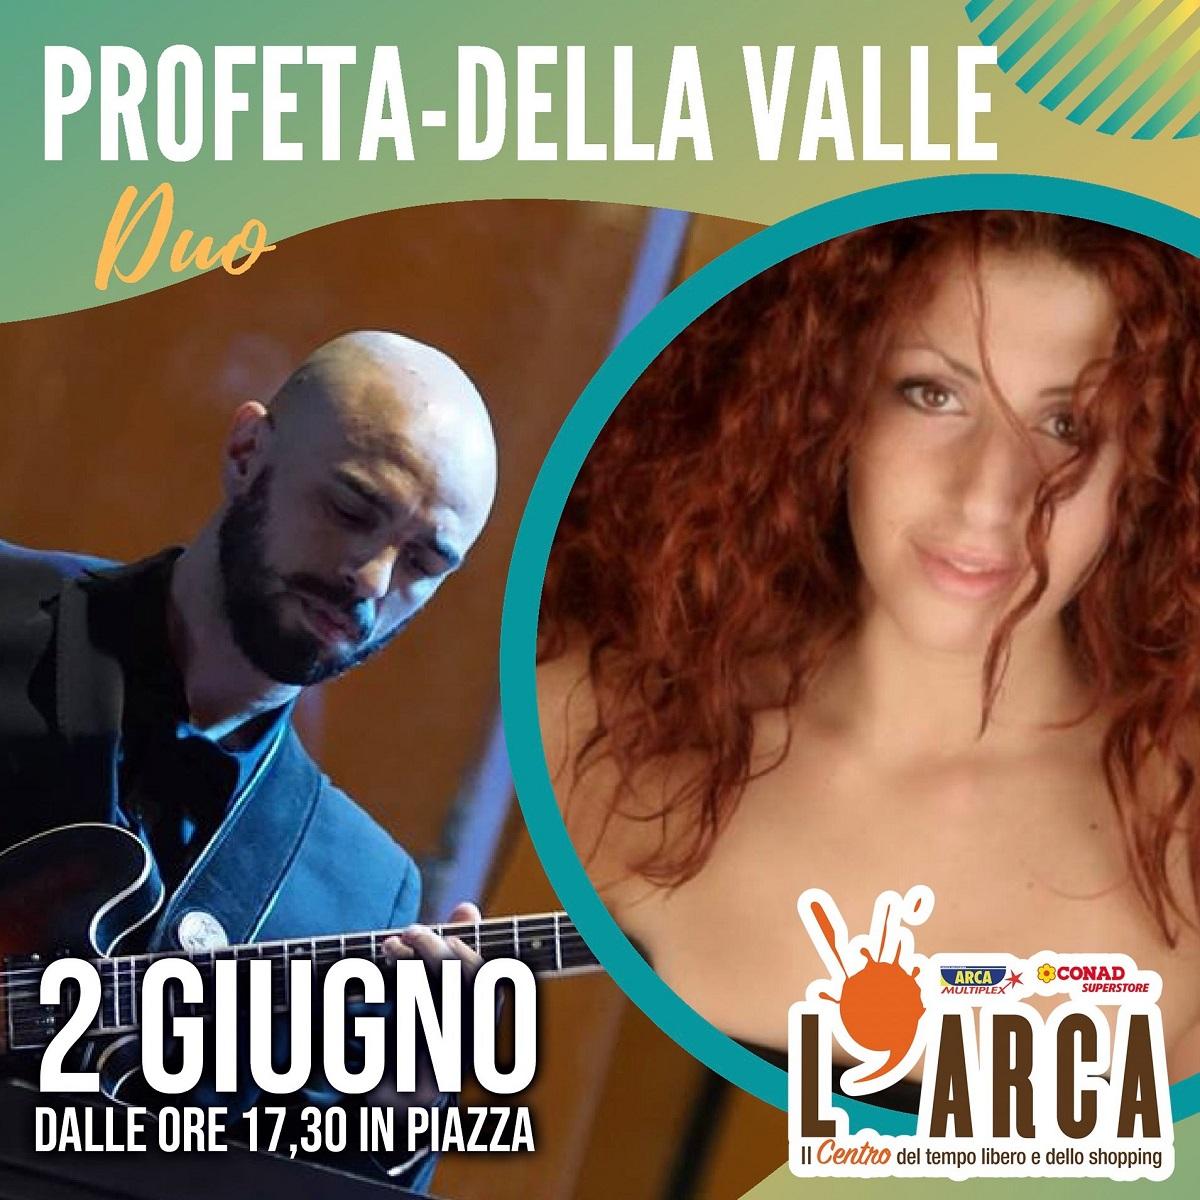 Profeta-Della Valle Duo live a Spoltore mercoledì 2 giugno locandina